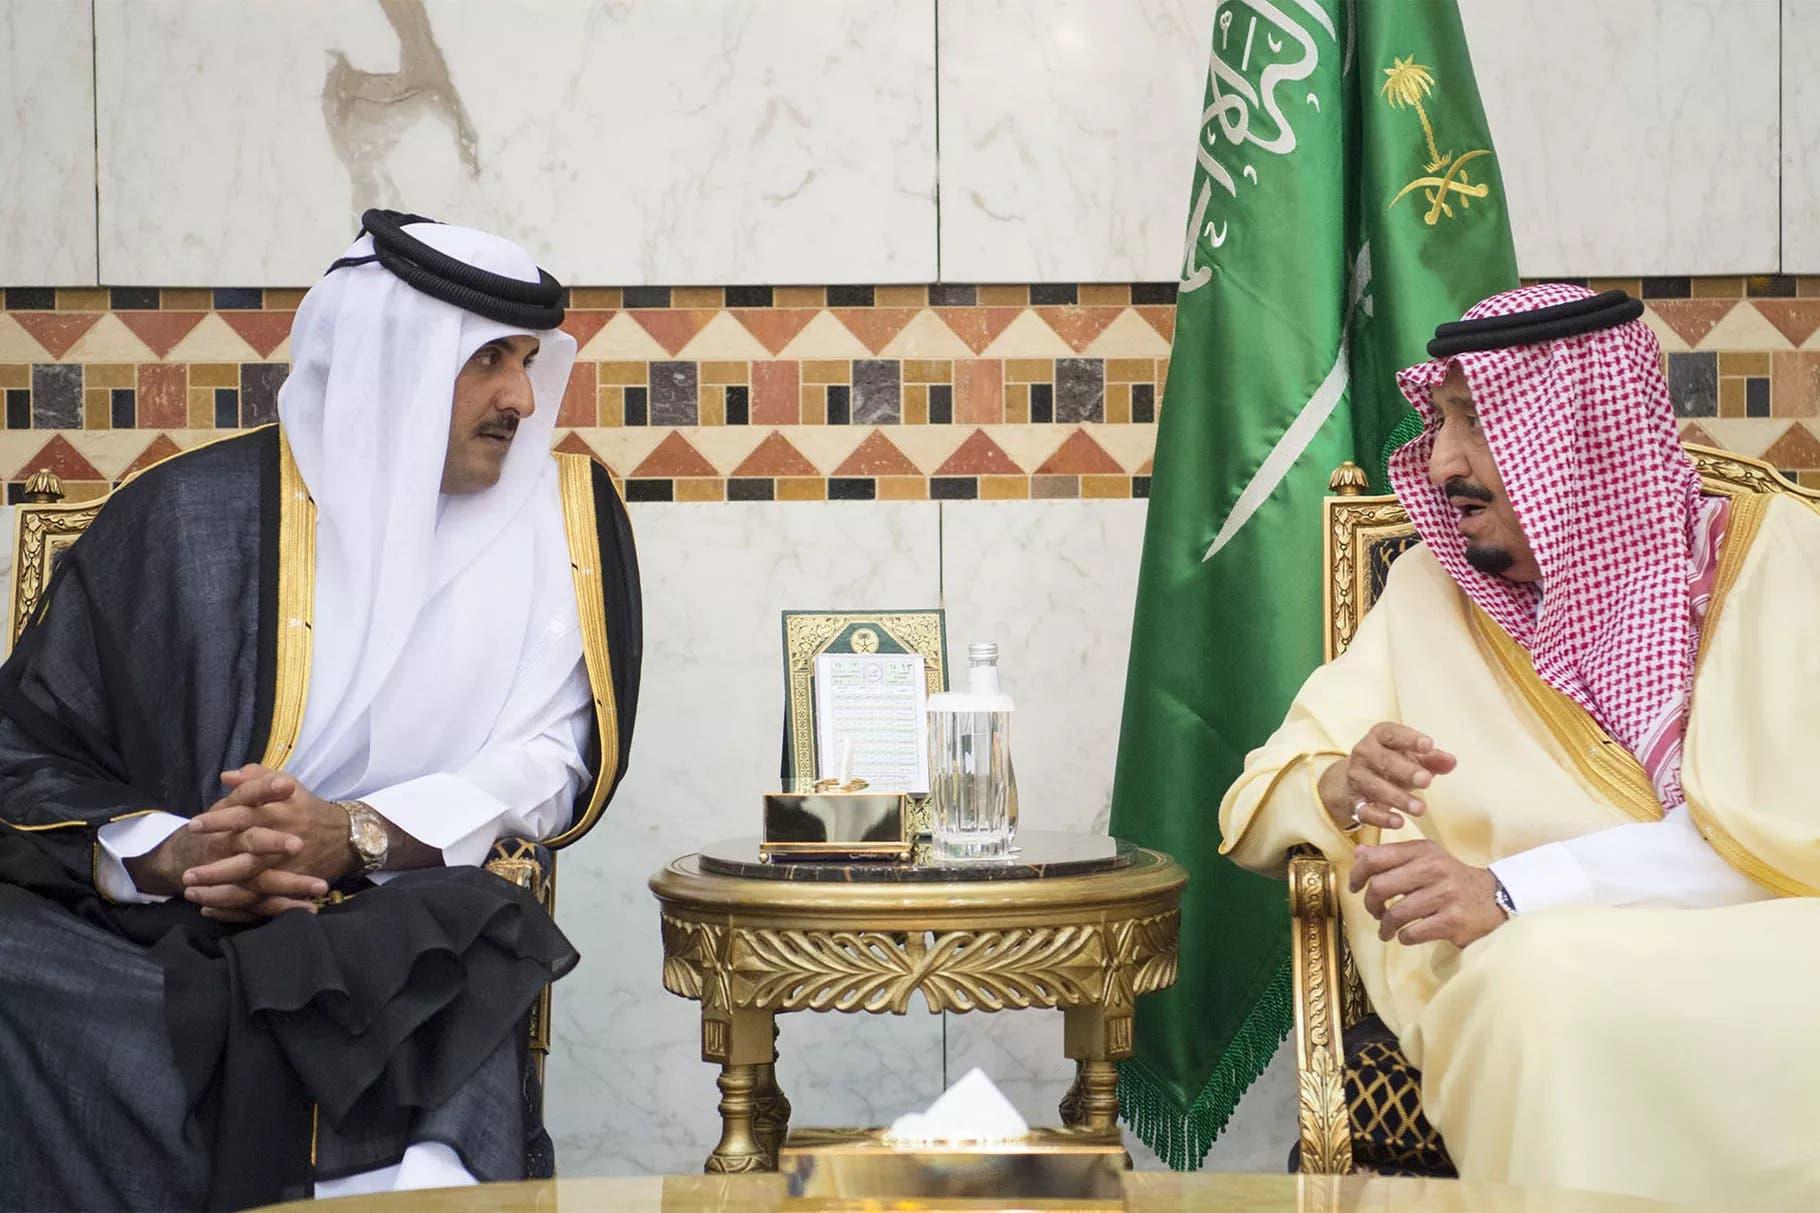 Xiisadda dalalka Qatar 🇶🇦 iyo Sacuudiga 🇸🇦 oo uu is-beddel weyn kusoo kordhay